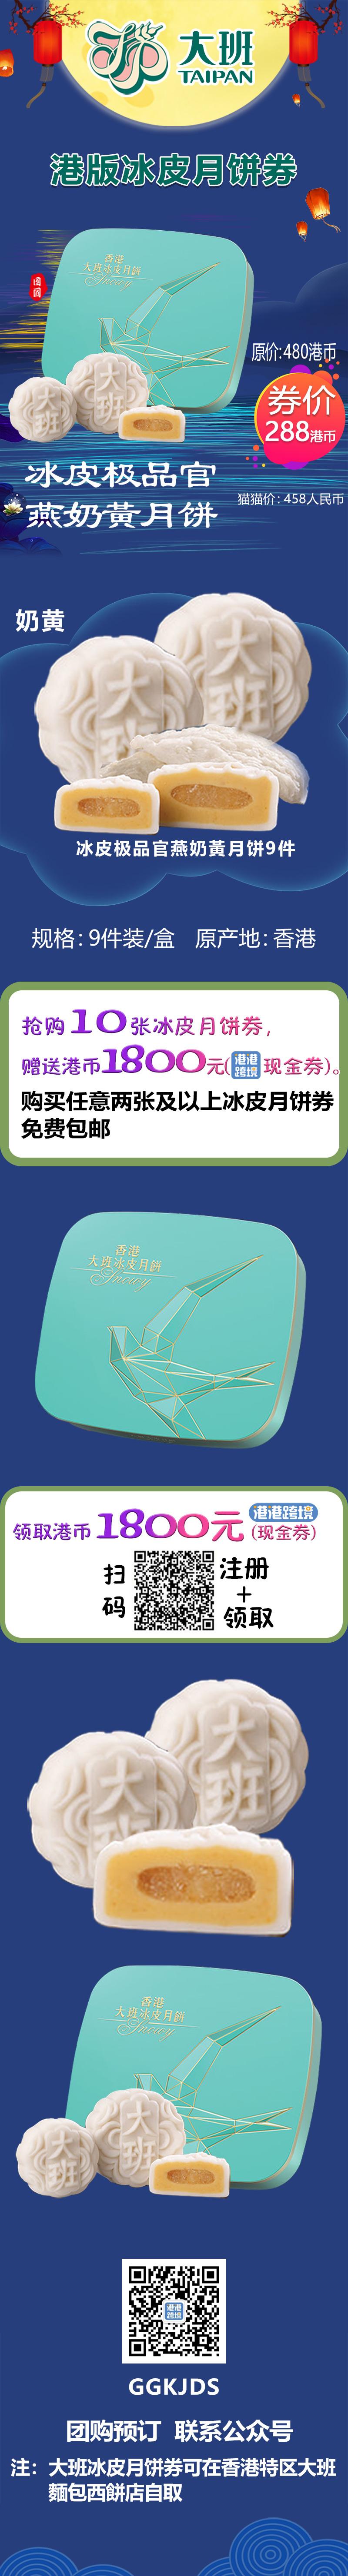 冰皮极品官燕奶黃月饼.jpg